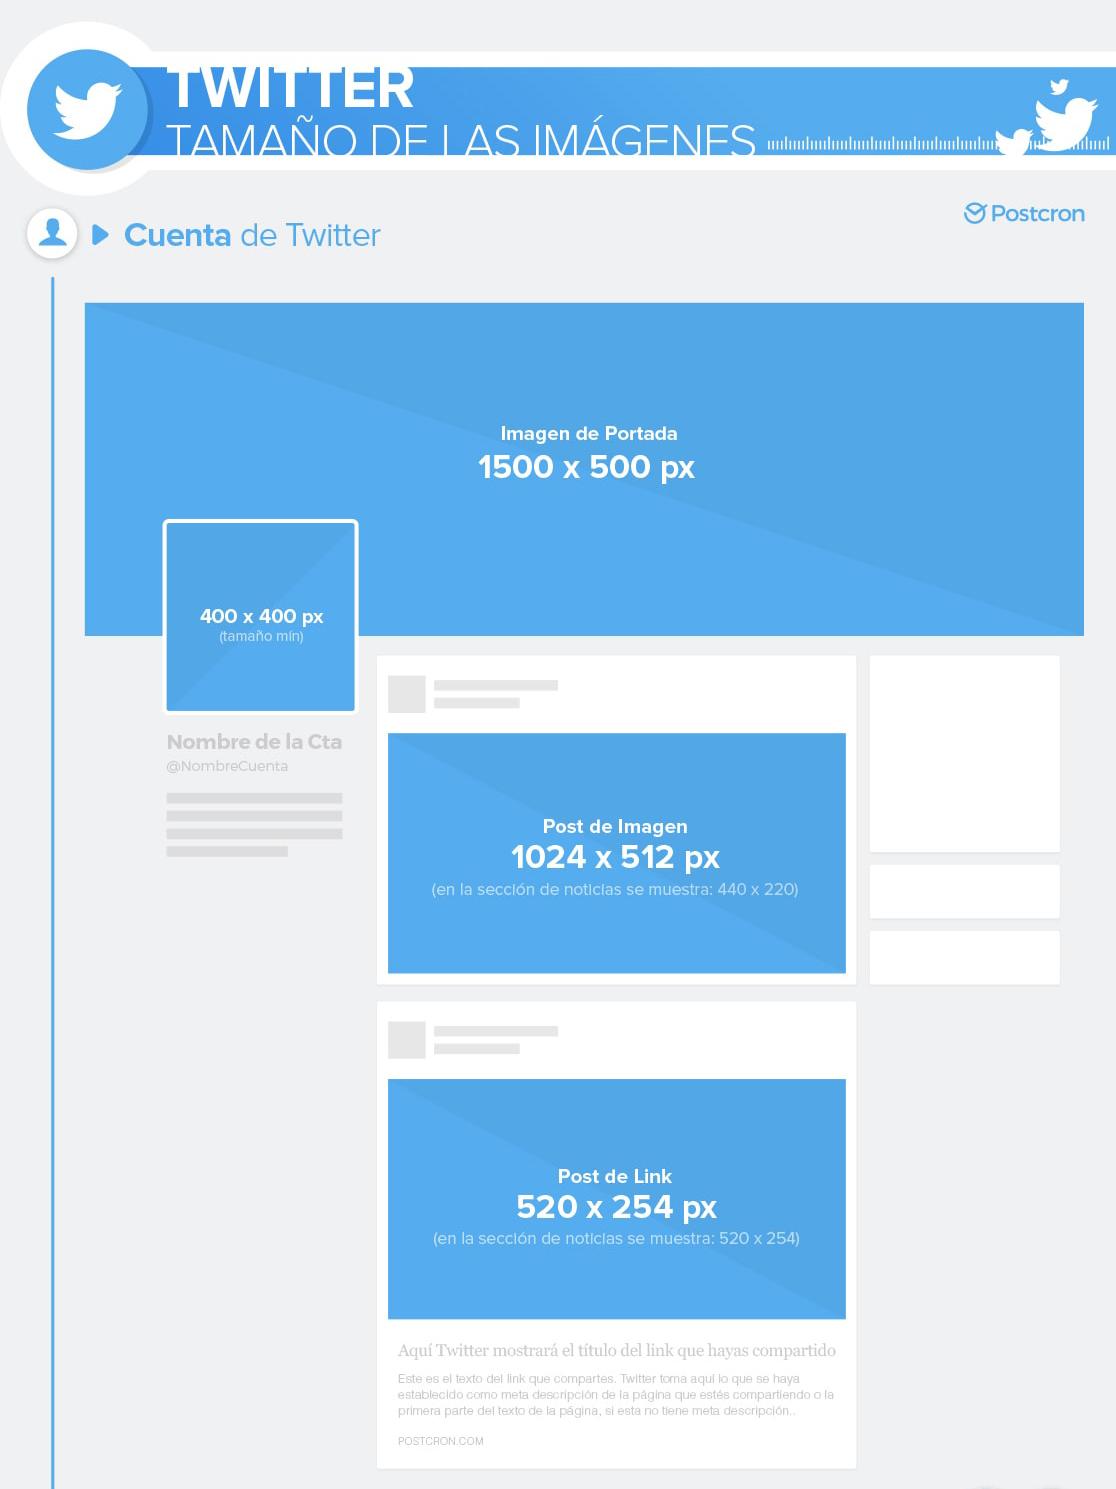 Tamaño-de-las-imágenes-para-Twitter-2018